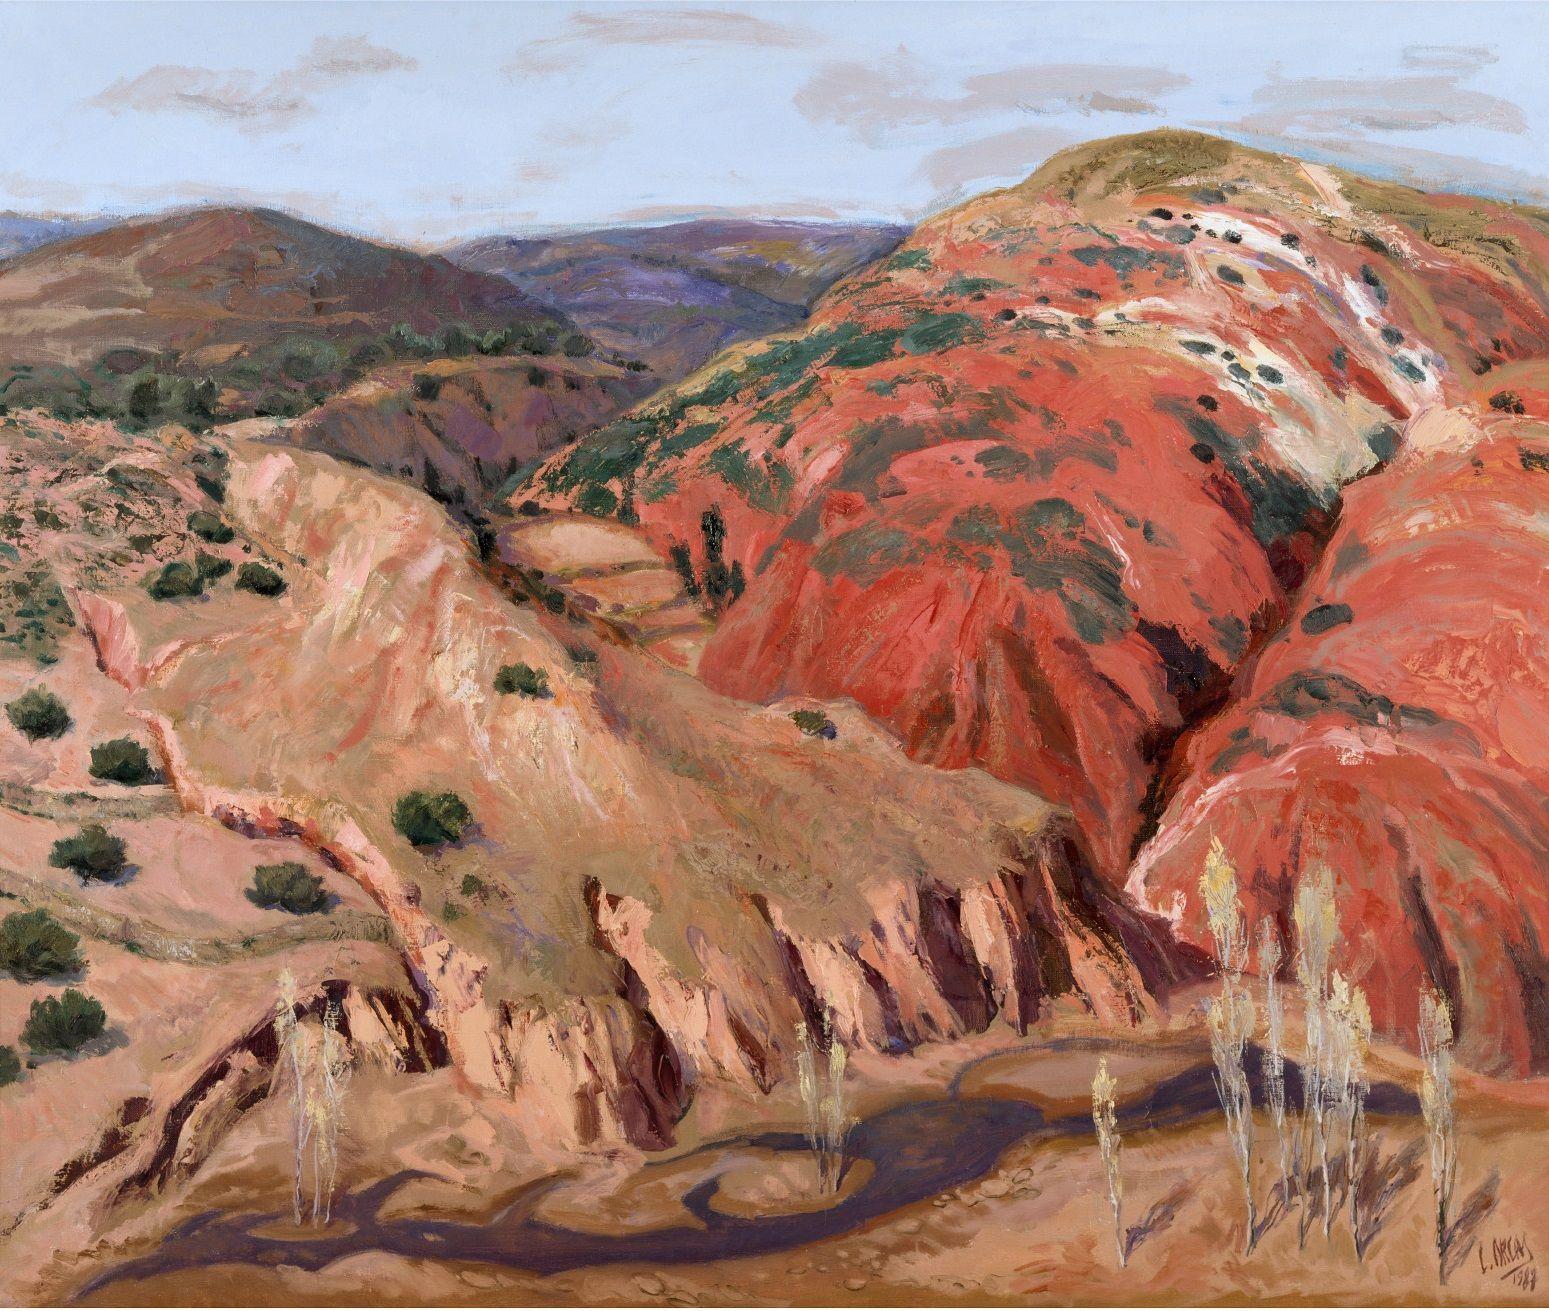 Tierras rojas